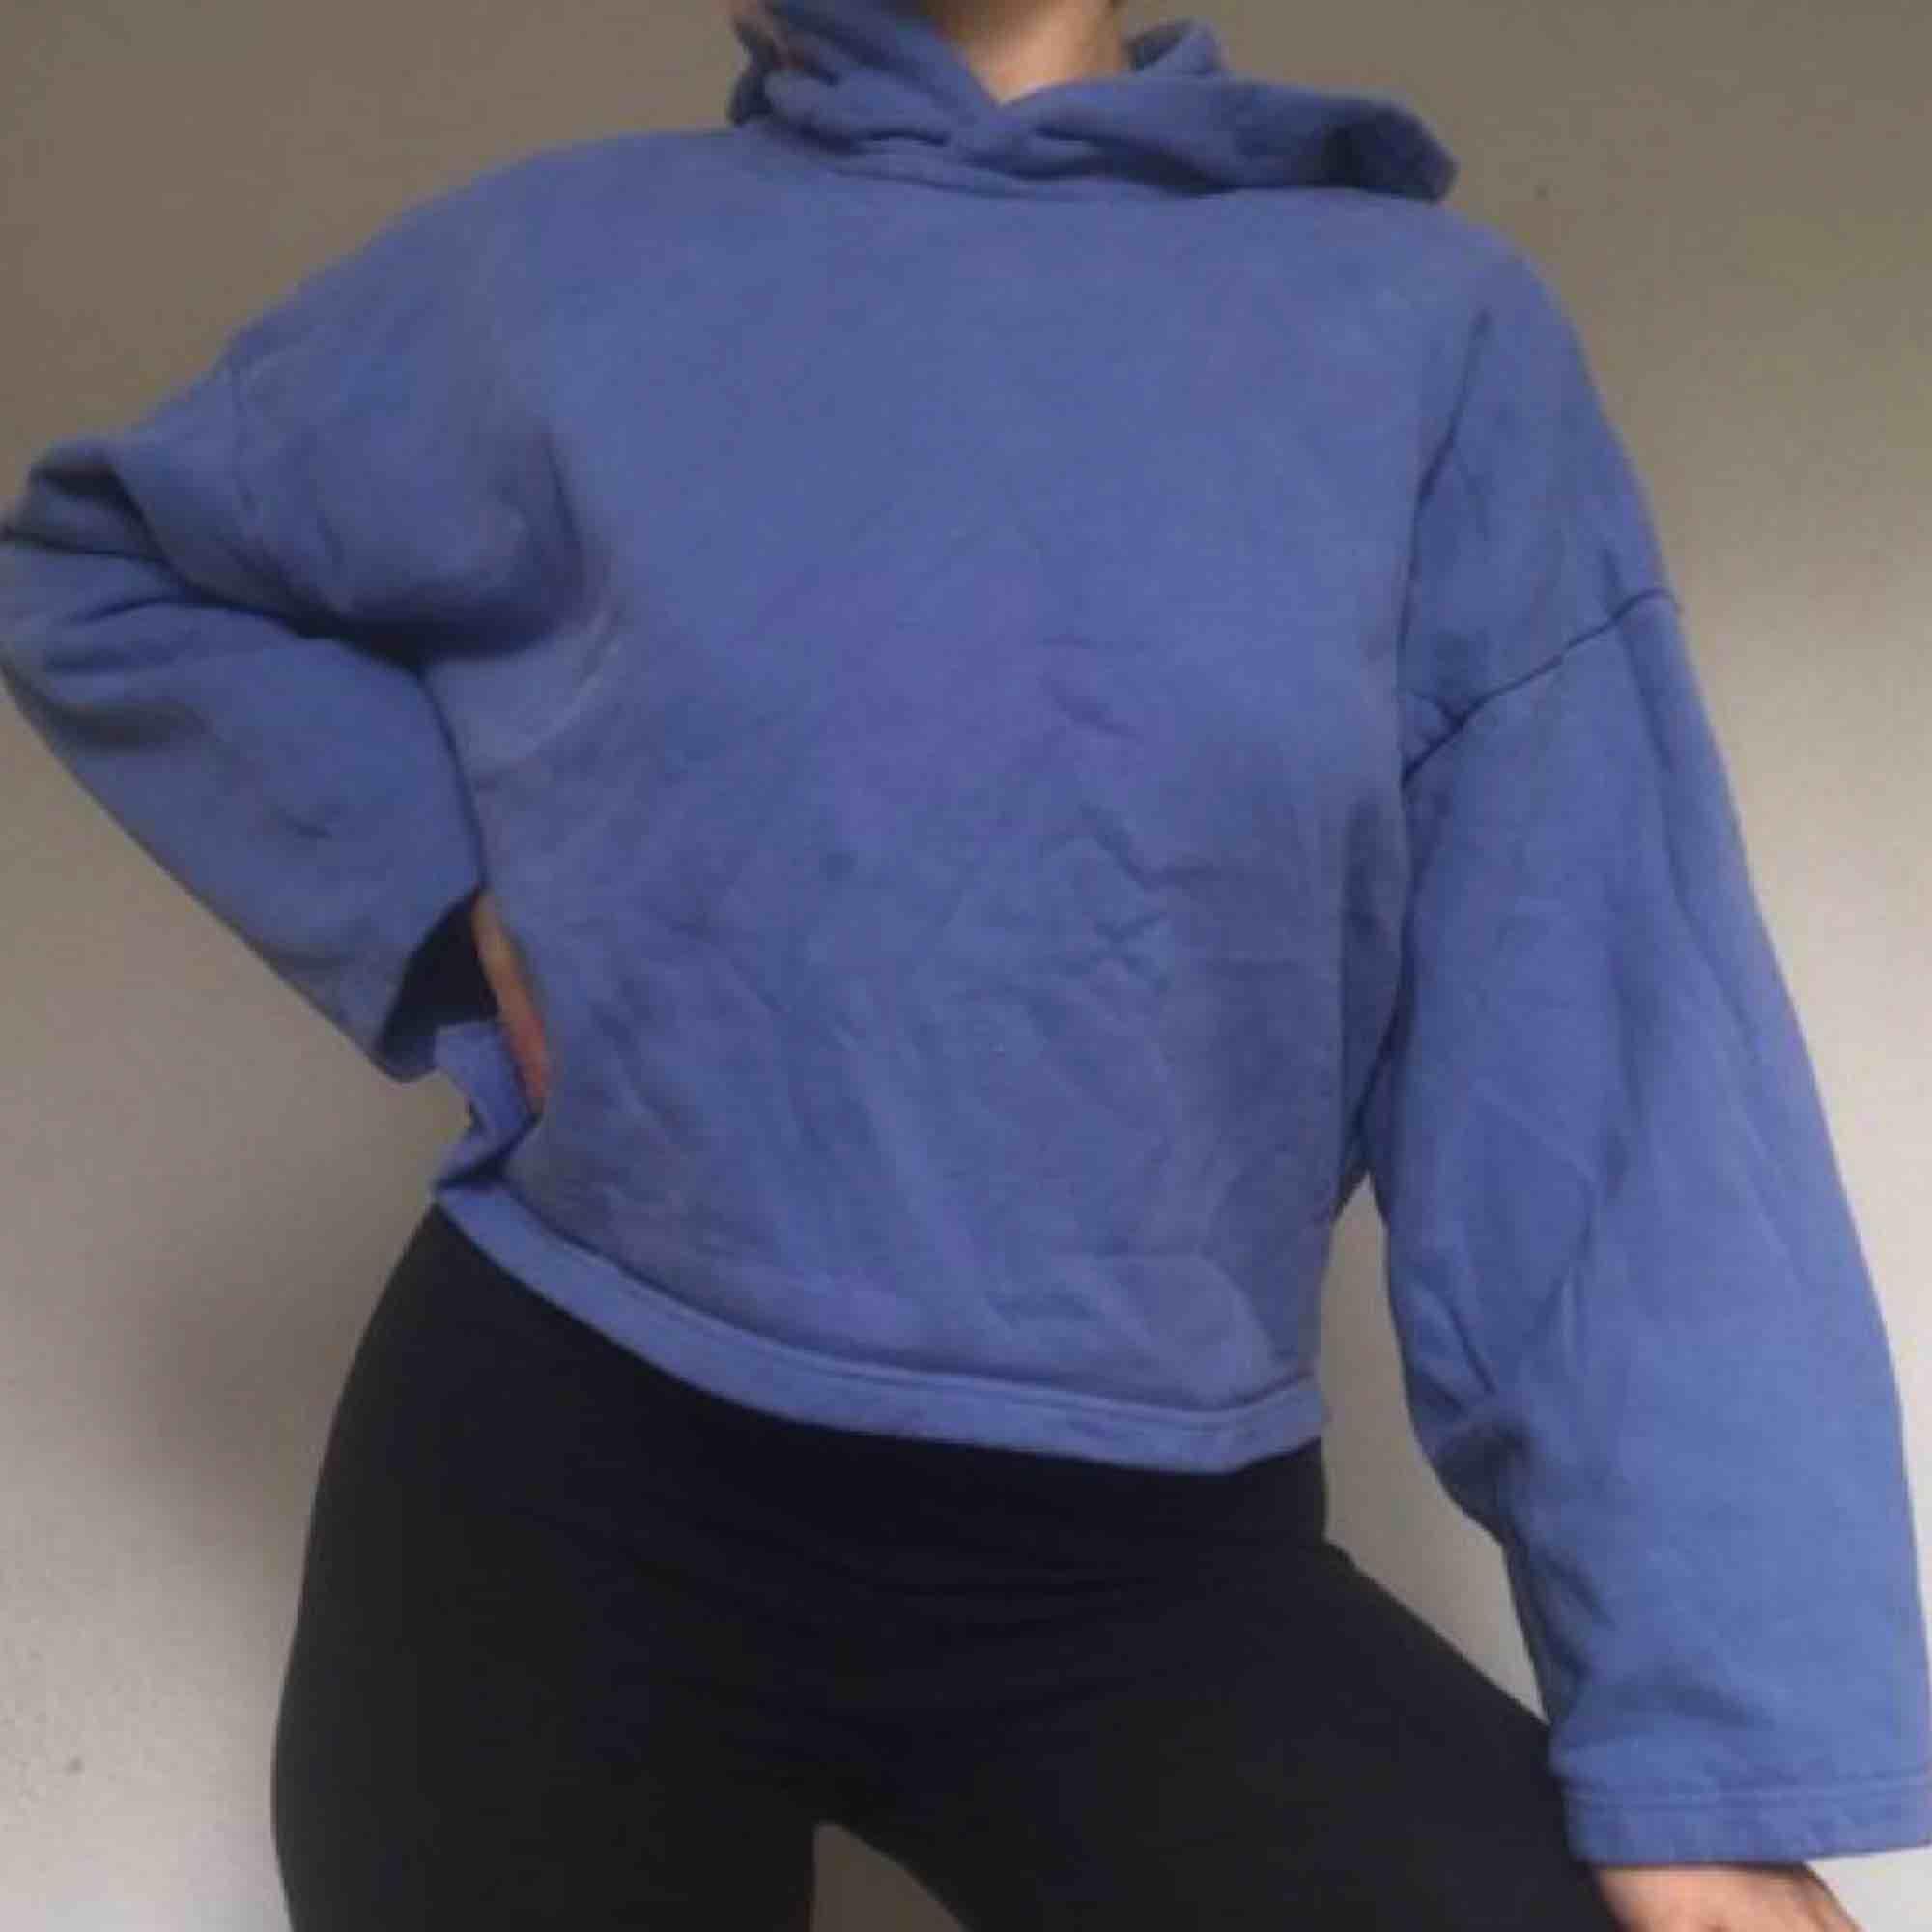 Otroligt skön croppad hoodie från Weekday förra året! Endast använd vid ett fåtal tillfällen, så behöver ett nytt hem. Så fin blålila färg!. Huvtröjor & Träningströjor.